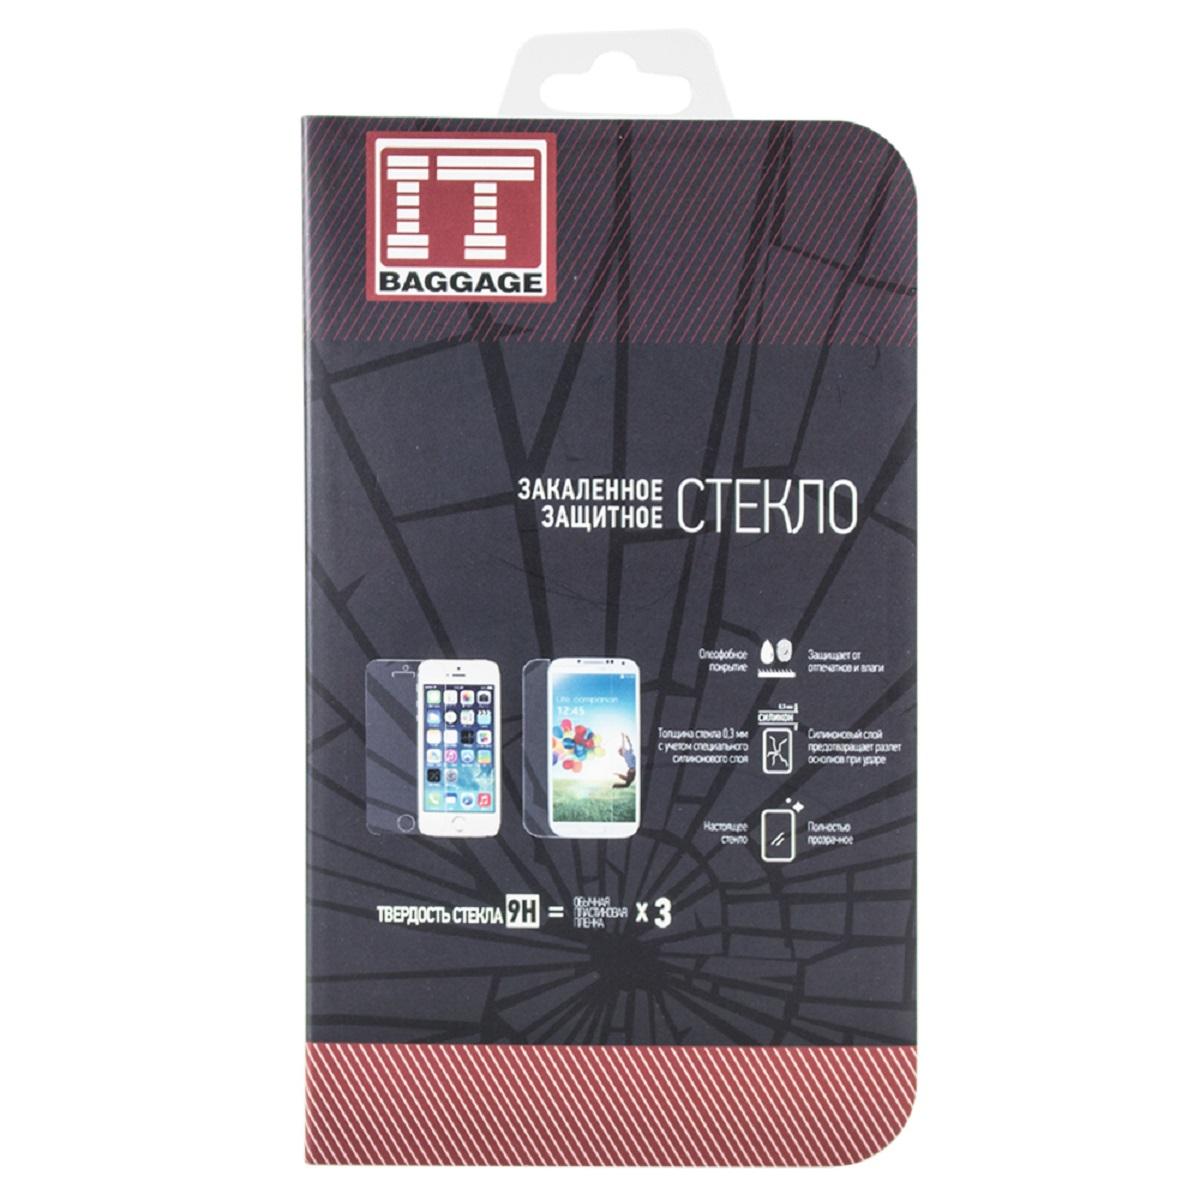 IT Baggage защитное стекло для Moto X PlayITMTXPLGЗакаленное стекло IT Baggage для Moto X Play - это самый верный способ защитить экран от повреждений и загрязнений. Обладает высочайшим уровнем прозрачности и совершенно не влияет на отклик экранного сенсора и качество изображения. Препятствует появлению отпечатков и пятен. Удалить следы жира и косметики с поверхности аксессуара не составить ни какого труда.Характеристики защитного стекла делают его износостойким к таким механическим повреждениям, как царапины, сколы, потертости. При сильном ударе разбившееся стекло не разлетается на осколки, предохраняя вас от порезов, а экран устройства от повреждений.После снятия защитного стекла с поверхности дисплея, на нем не остаются повреждения, такие как потертости и царапины.